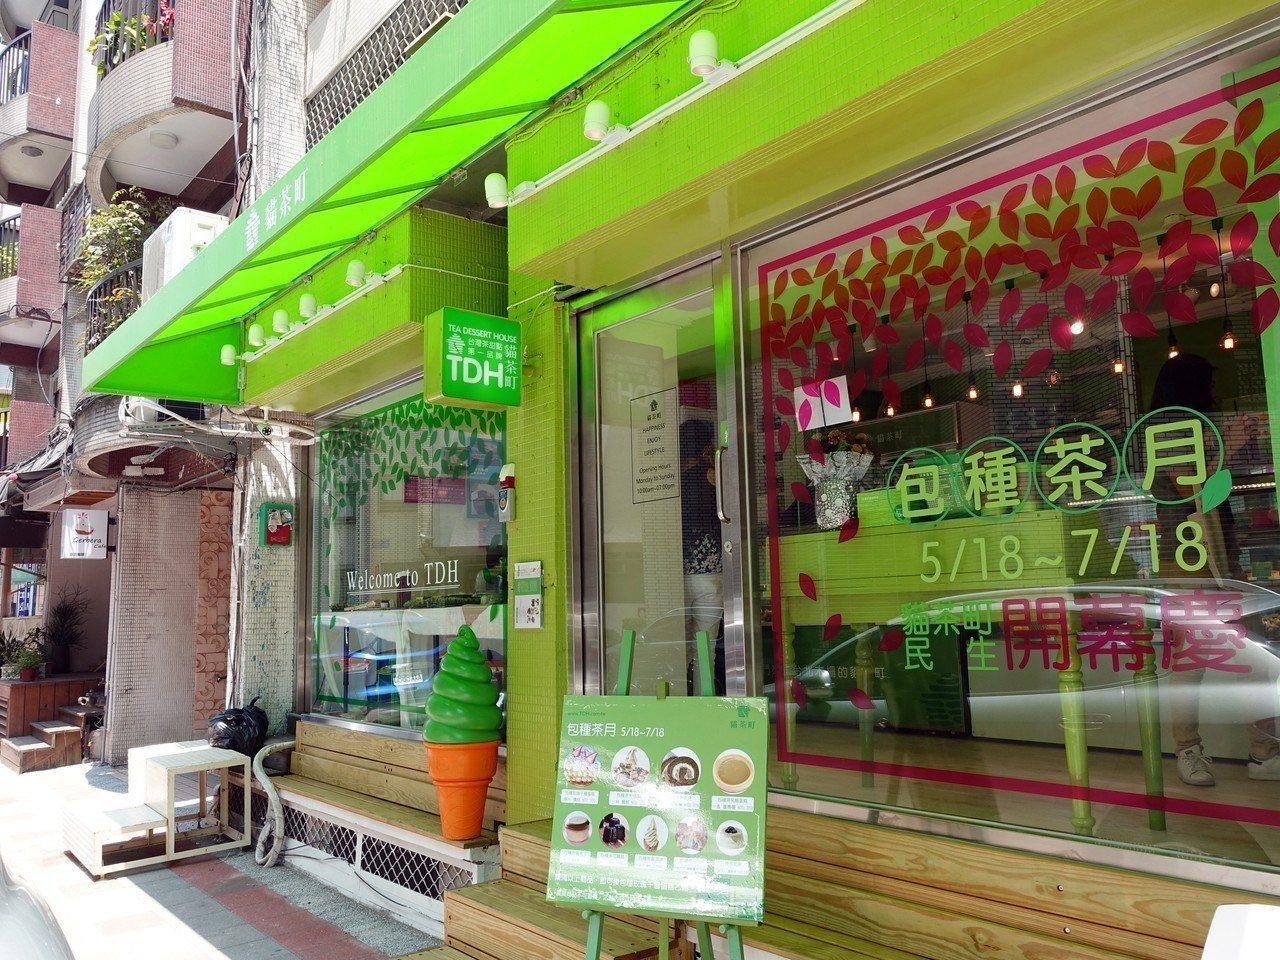 貓茶町民生店坐落在寧靜的巷弄內。記者張芳瑜/攝影